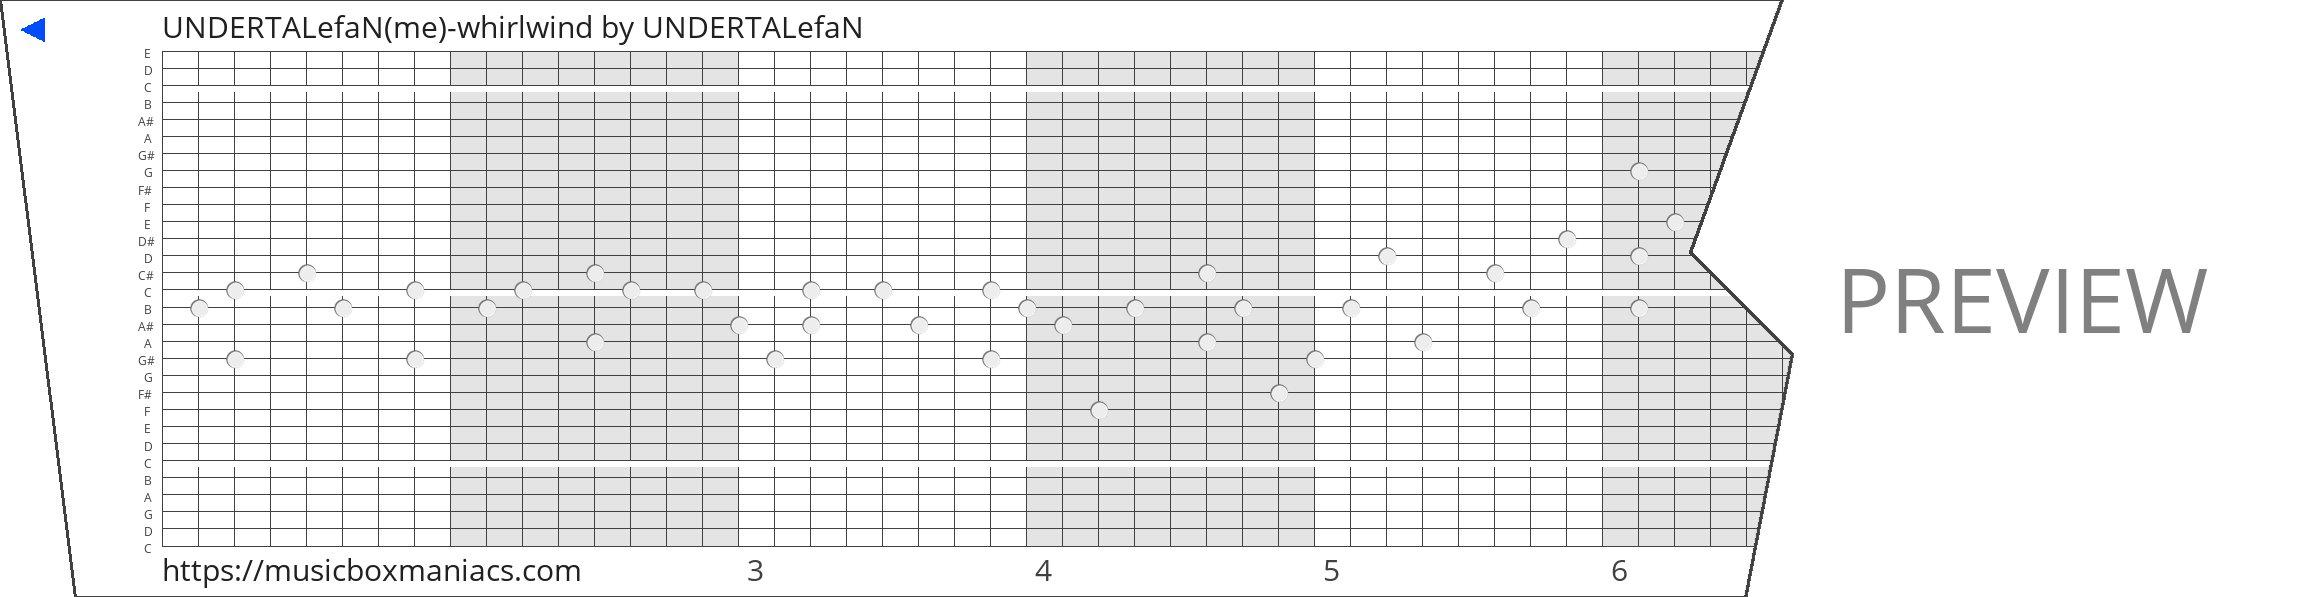 UNDERTALefaN(me)-whirlwind 30 note music box paper strip